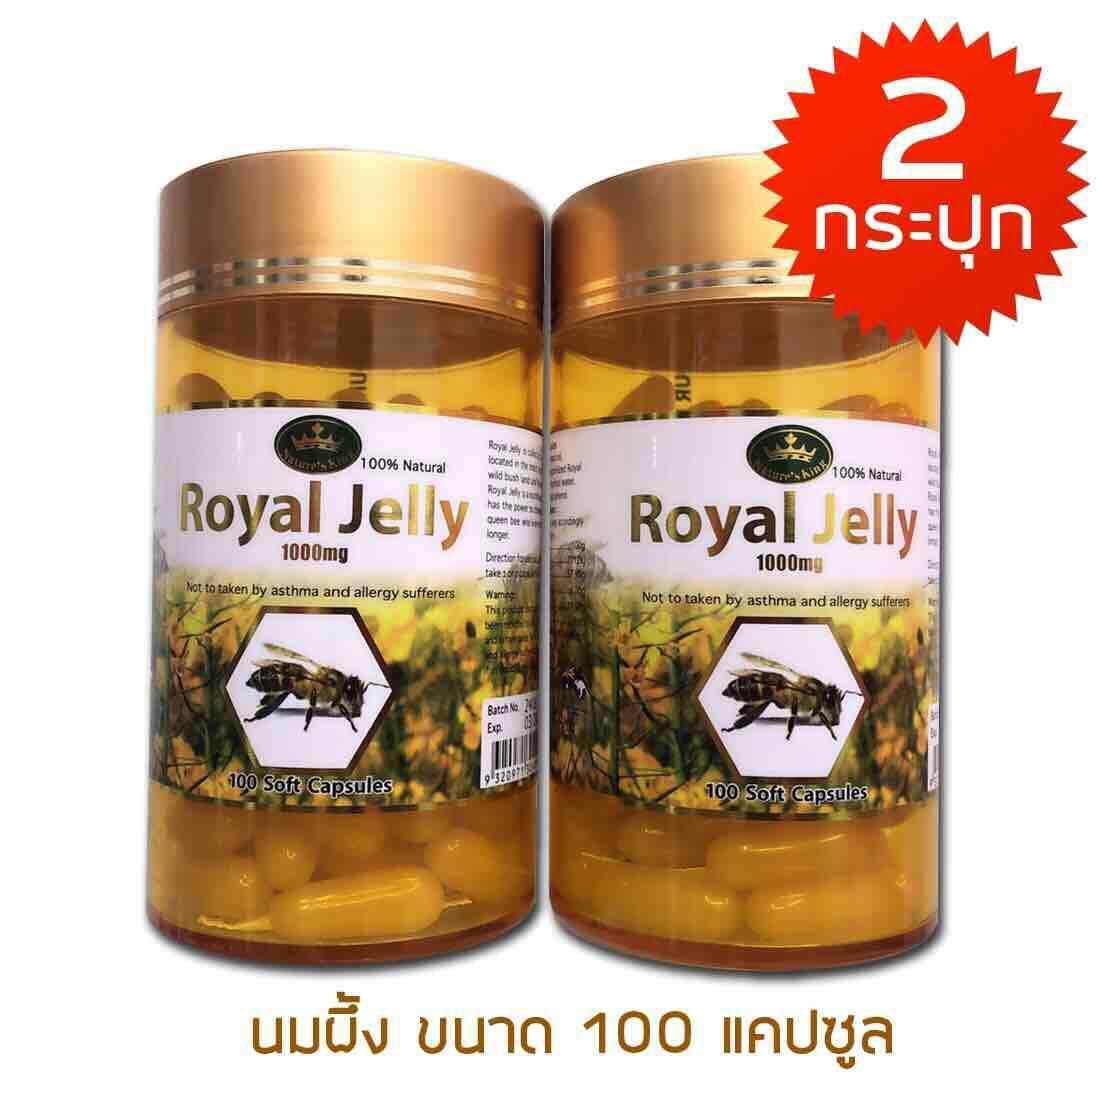 ซื้อที่ไหน Royal Jell Nature 's king royal jelly 1000mg อาหารเสริมนมผึ้ง 100. soft capsules. ( 2 กระปุก)